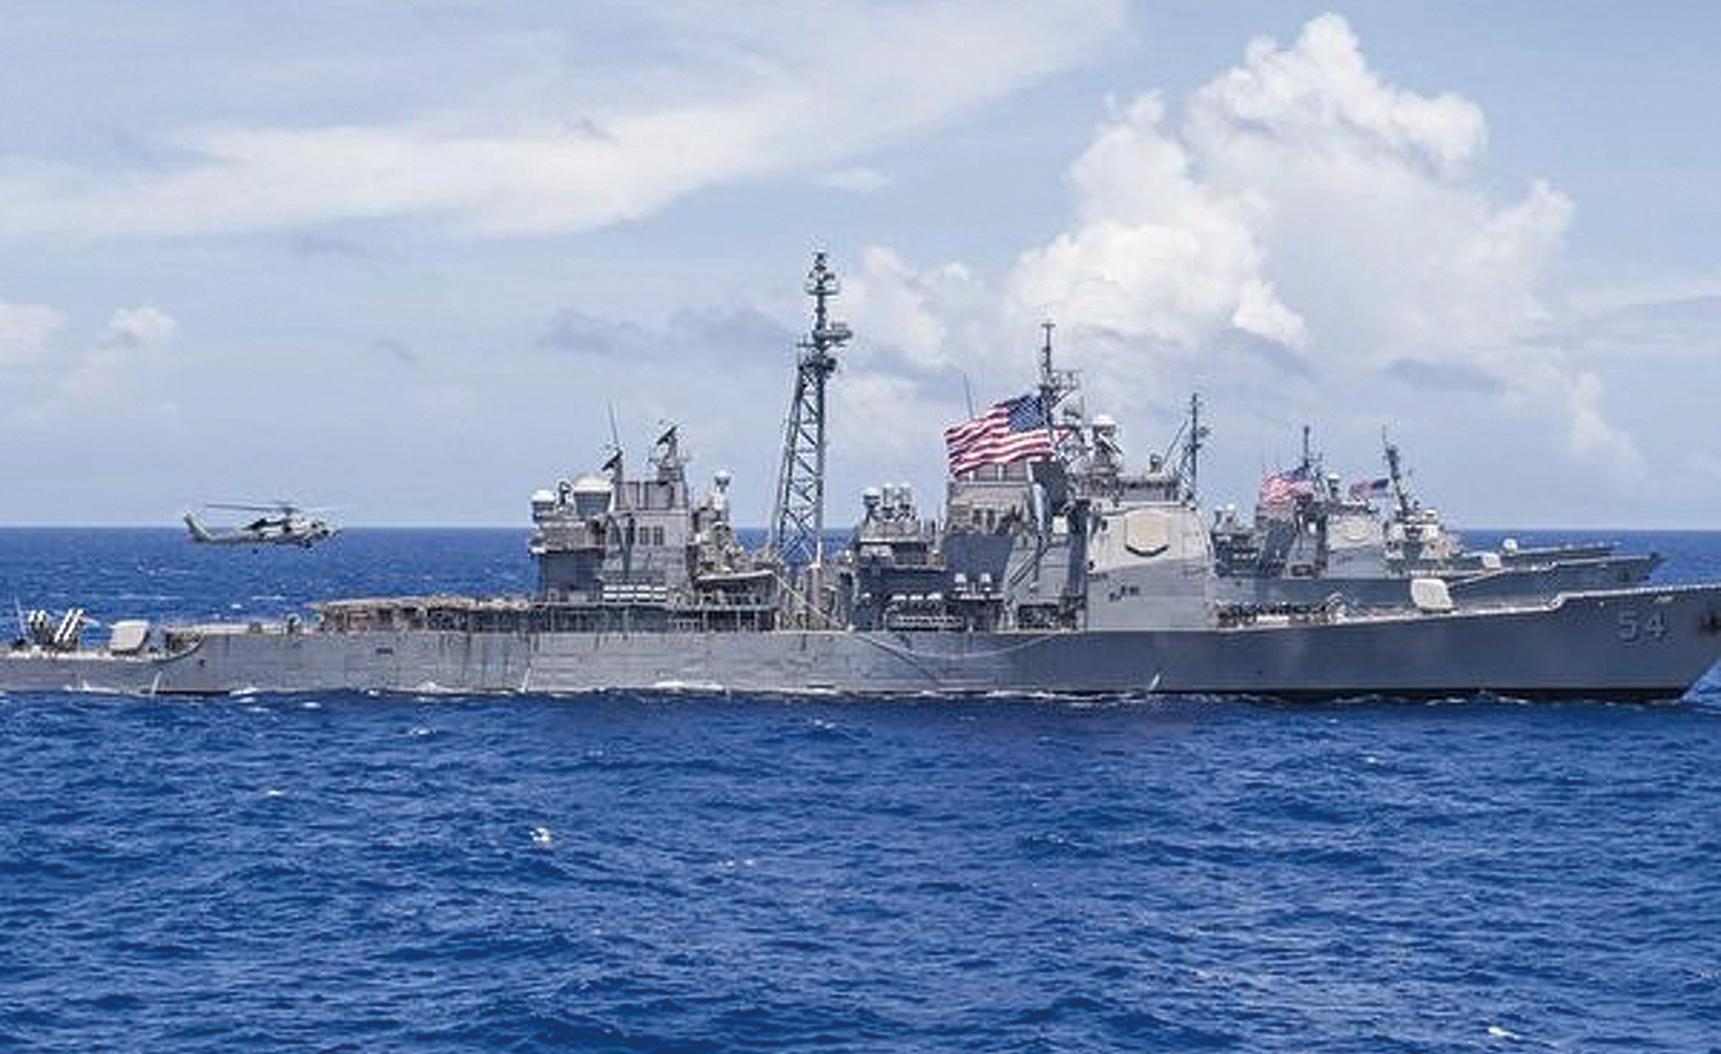 針鋒相對,中共剛發國防白皮書, 美艦穿行台海。圖為美軍導彈巡洋艦「安提坦號」(USS Antietam)。(NOEL CELIS/AFP/Getty Images)